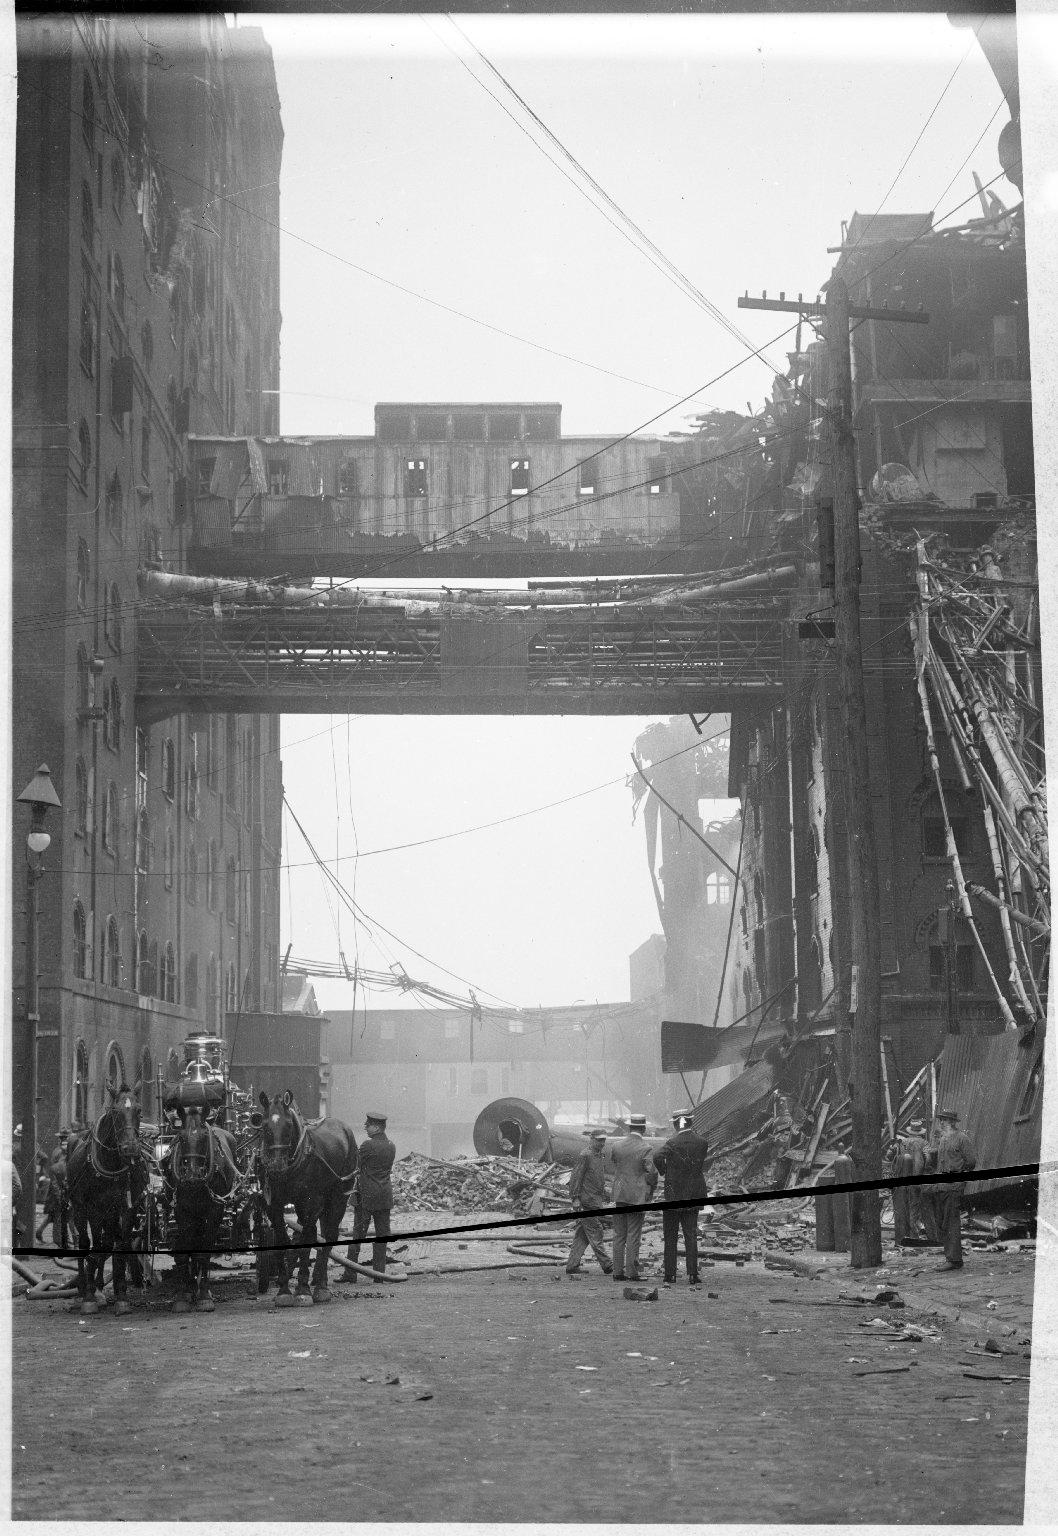 Паровой пожарный насос с конной упряжью на тушении пожара. Нью-Йорк, США. Начало 20 века